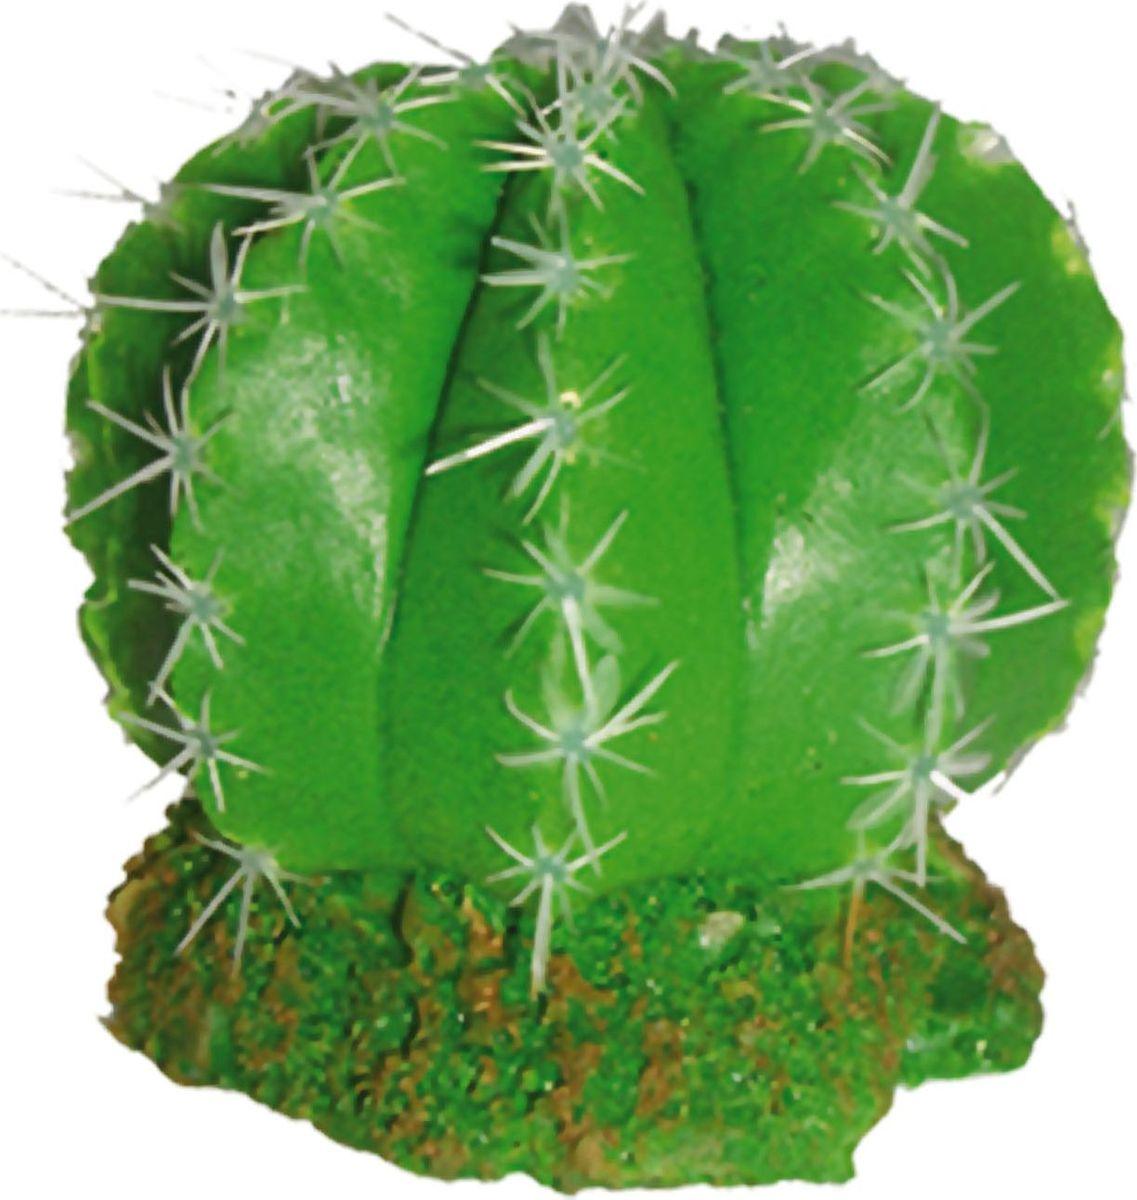 Растение для аквариума №1 Кактус дольками, высота 9,5 смЕР053Пластиковое растение для аквариума №1 - отличный аксессуар, который украсит ваш домашний аквариум. Изготовлено из искусственных и полимерных материалов. Безопасно для рыб и других аквариумных обитателей.